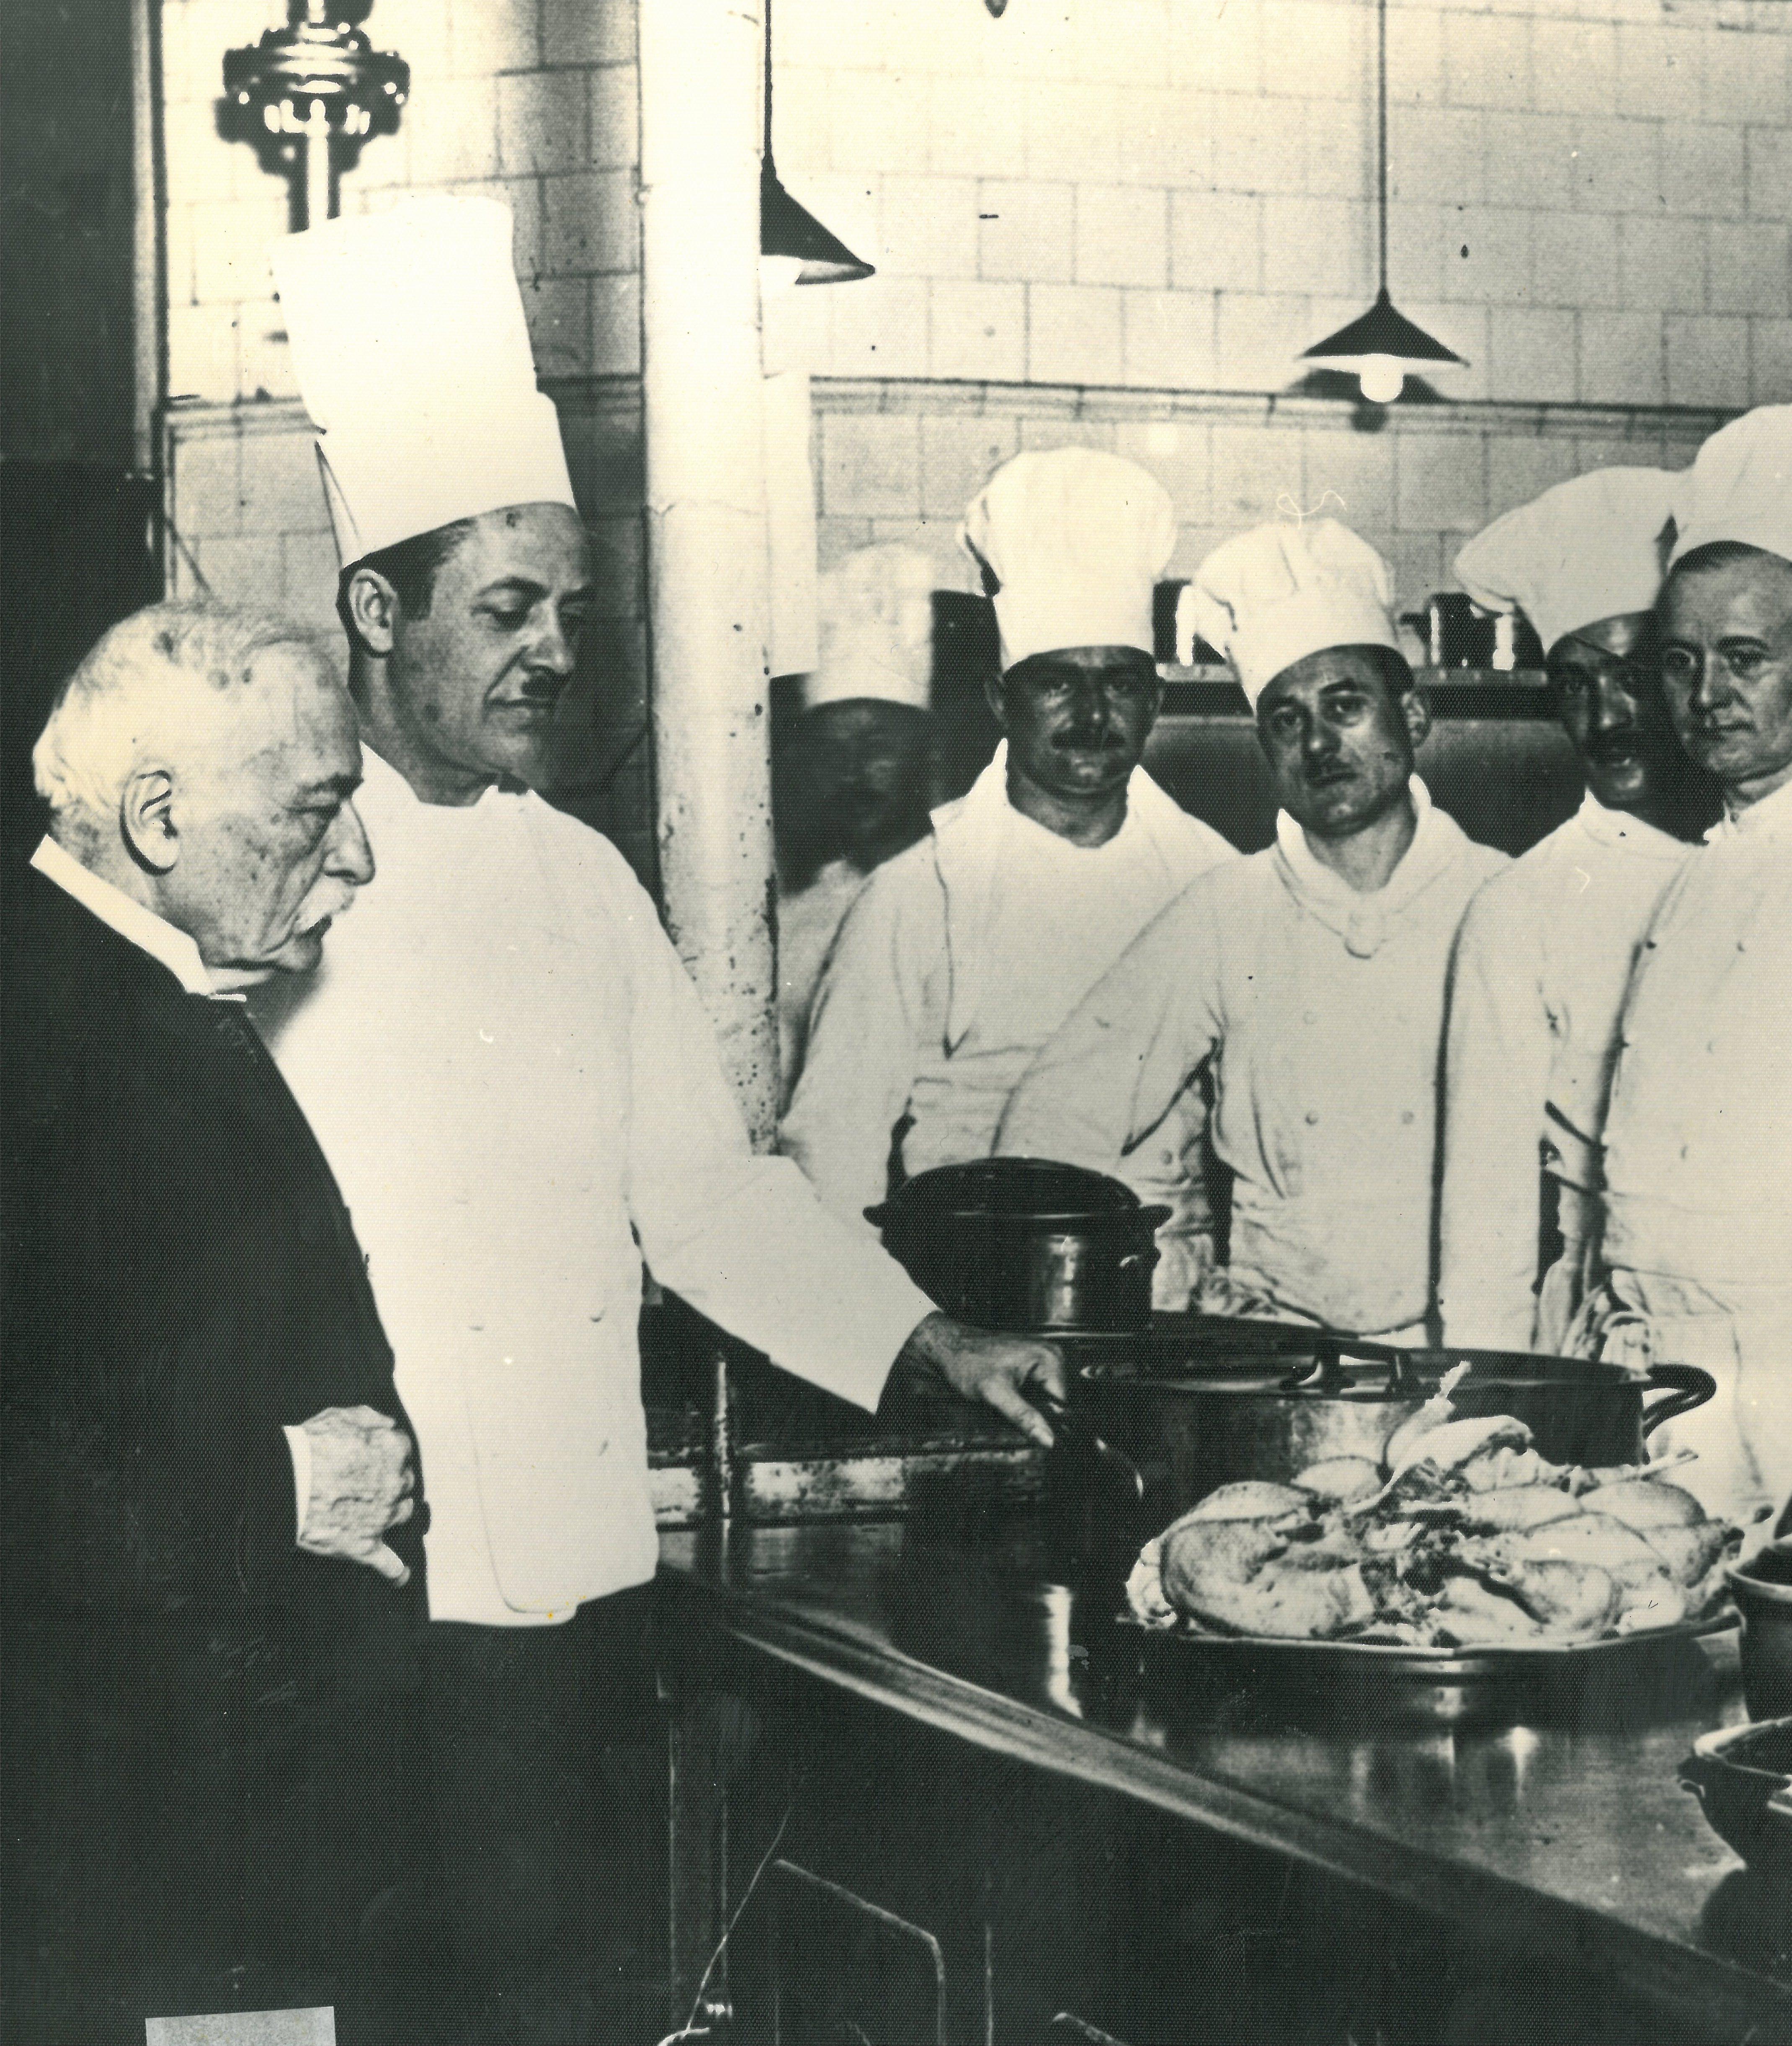 Auguste Escoffier et son personnel au Carlton de Londres 25 Things You Never Knew About The Titanic